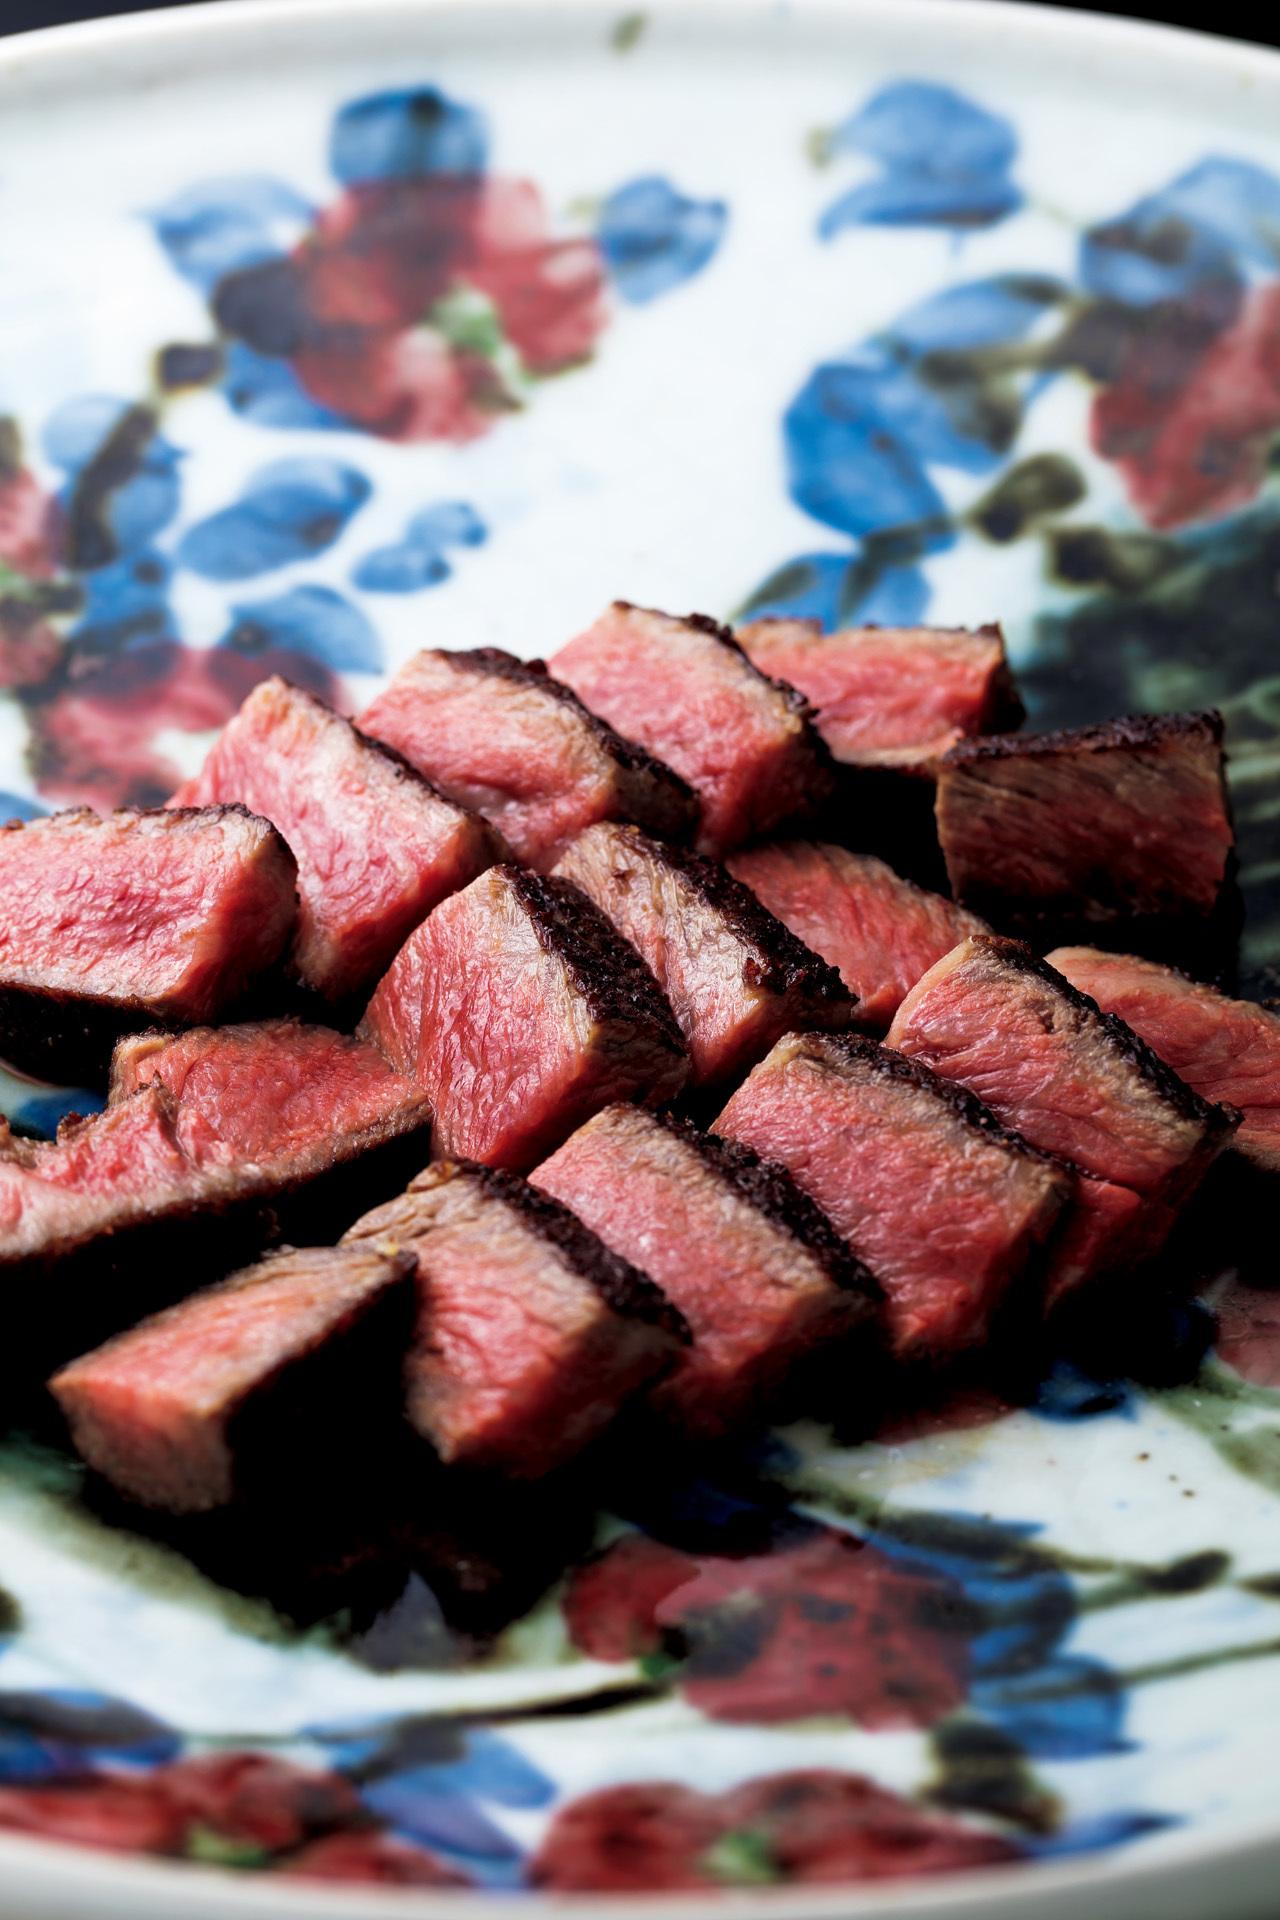 最高鮮度の肉を駆使した創作料理を和の風情とともに にくの匠 三芳_1_1